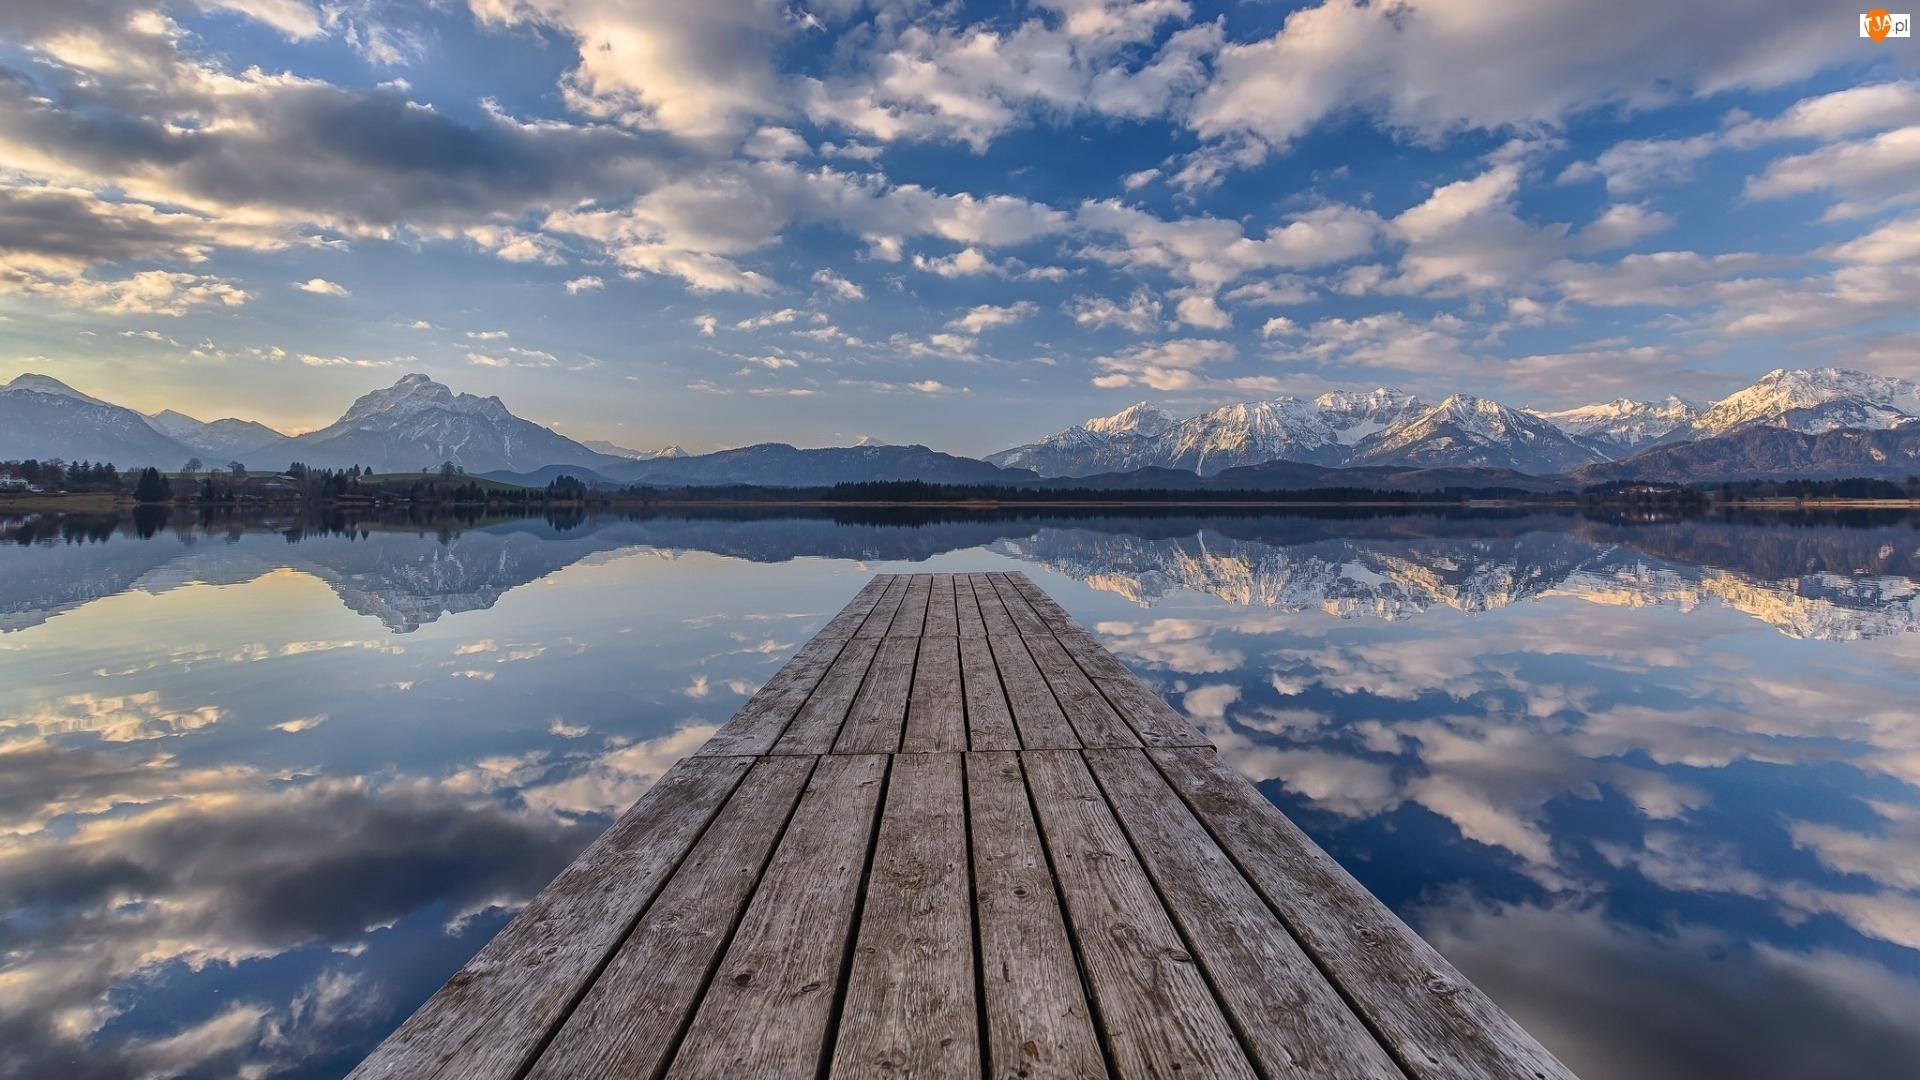 Góry, Jezioro, Niebo, Pomost, Chmury